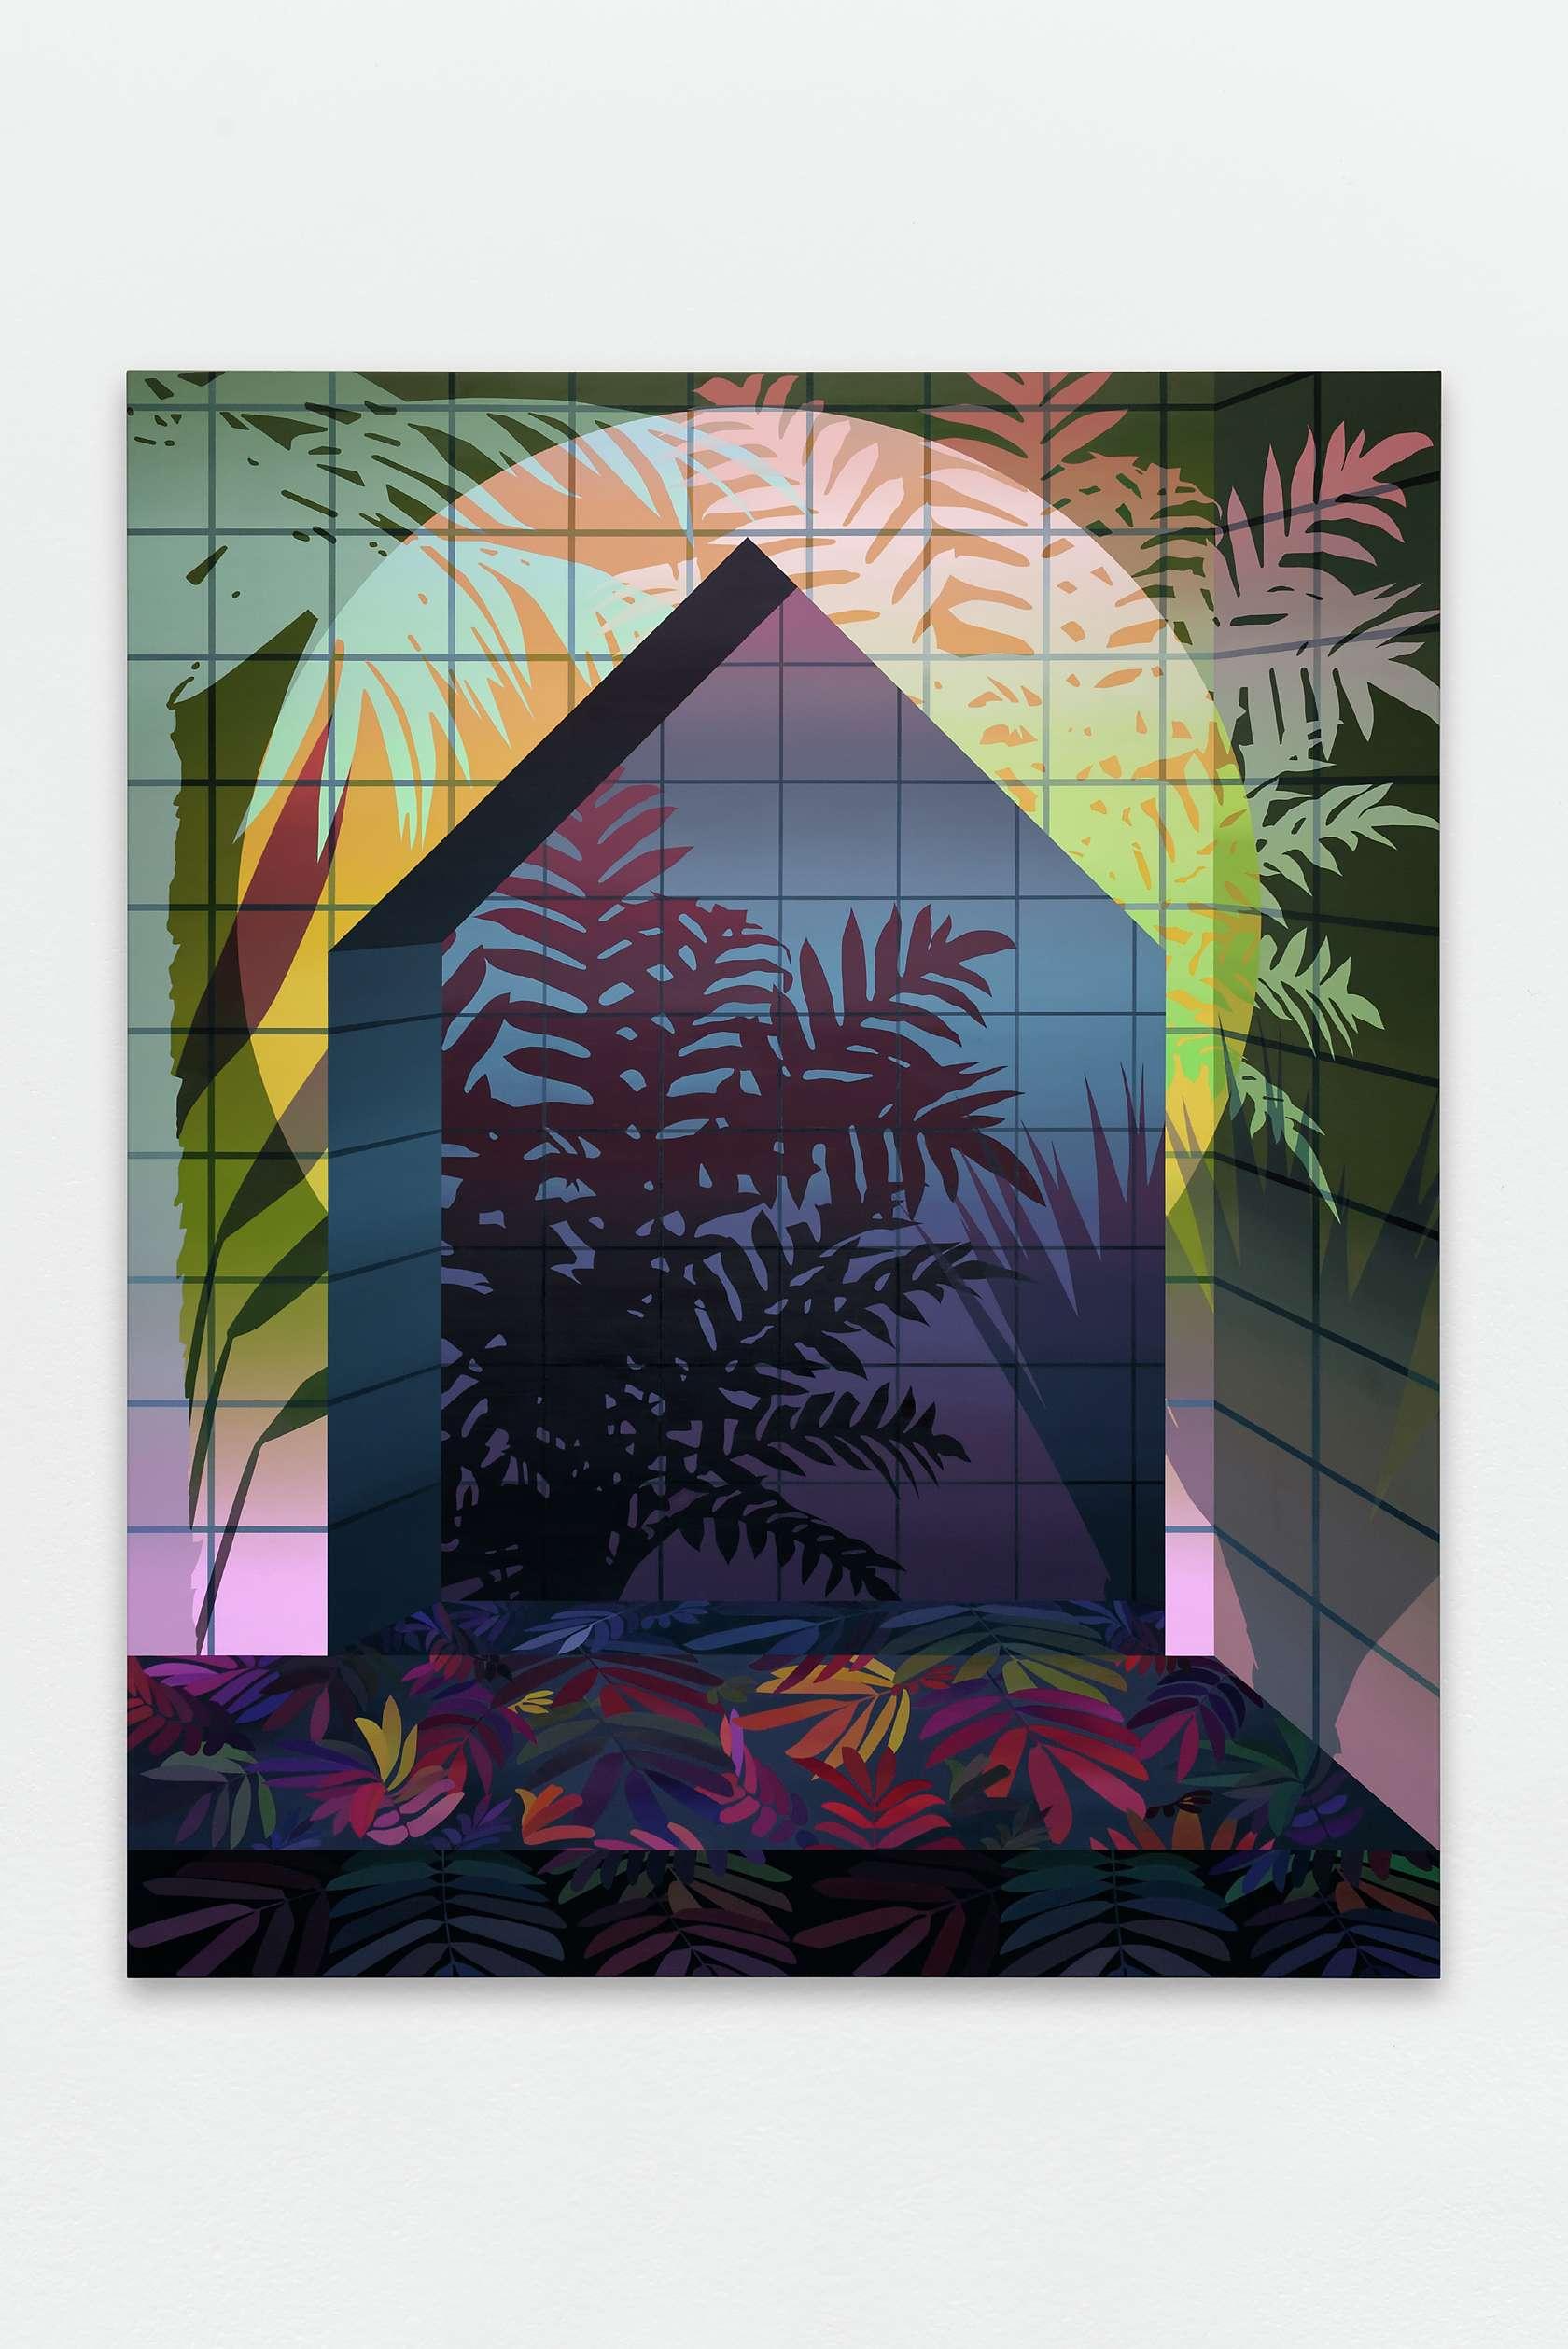 Amélie Bertrand, Electric Dream, 2016 Huile sur toile220 x 180cm / 86 5/8 x 70 7/8inches